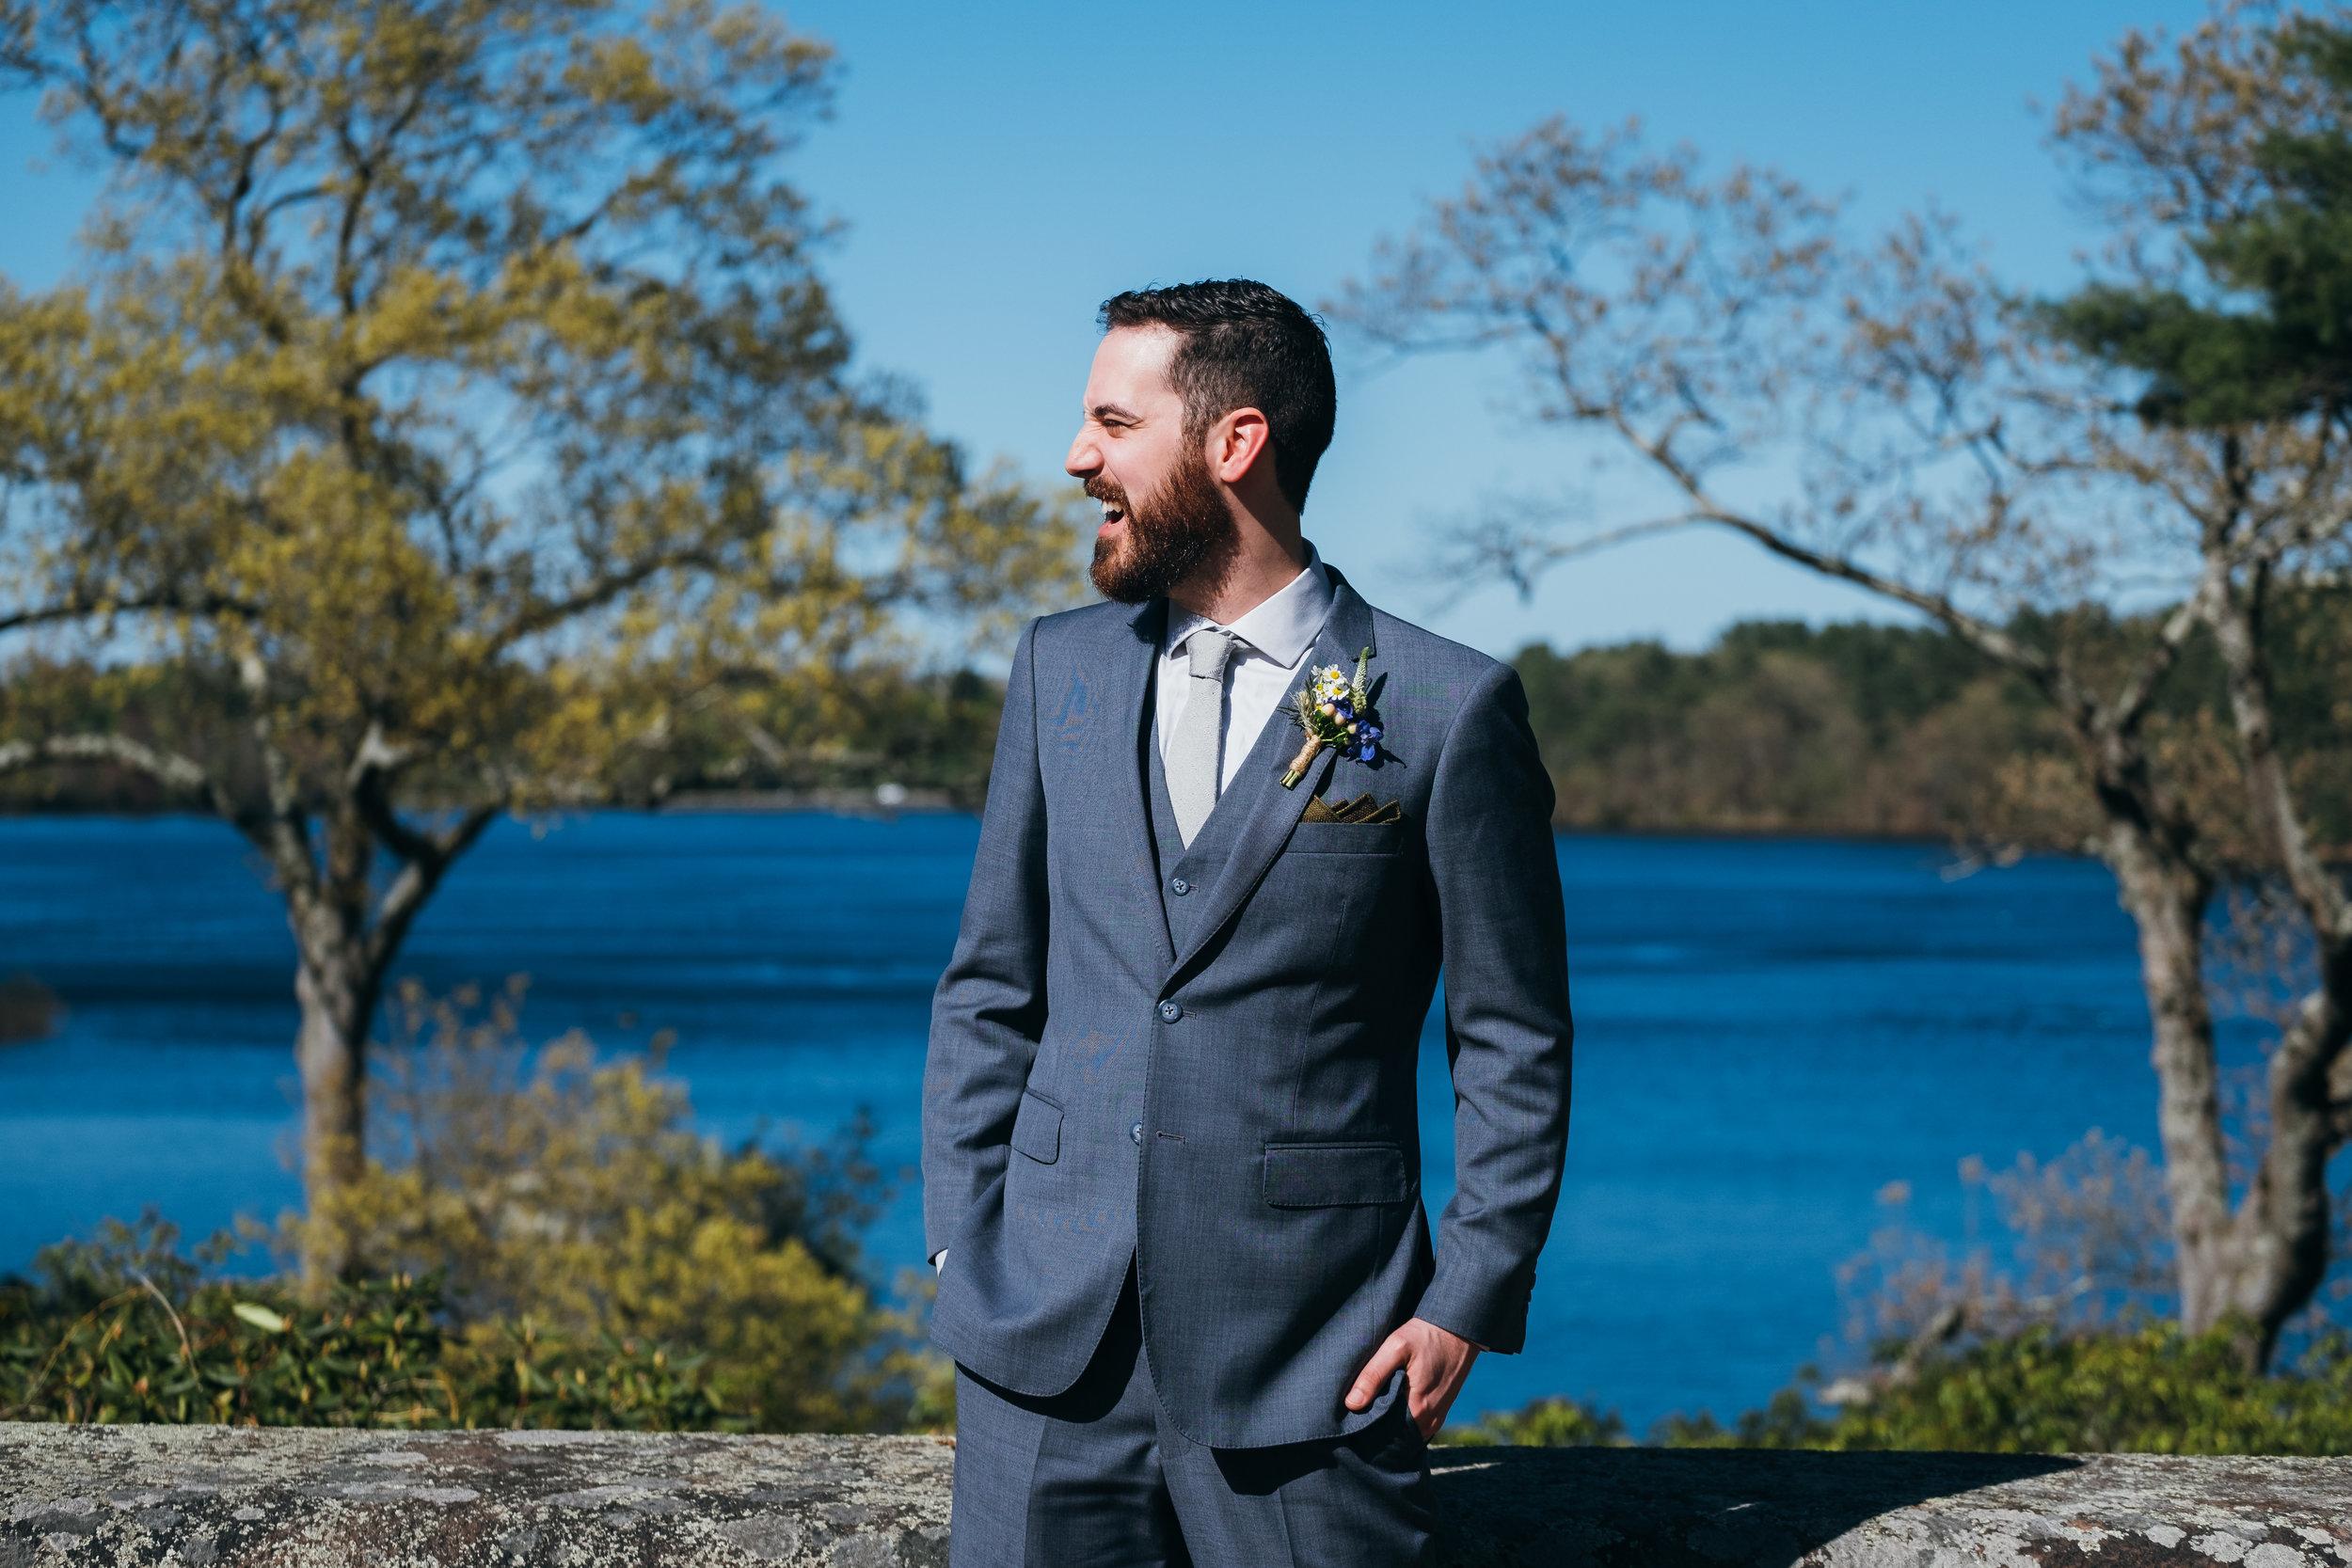 moraine-farm-boston-wedding-ginamike-oh-karina-0030.JPG